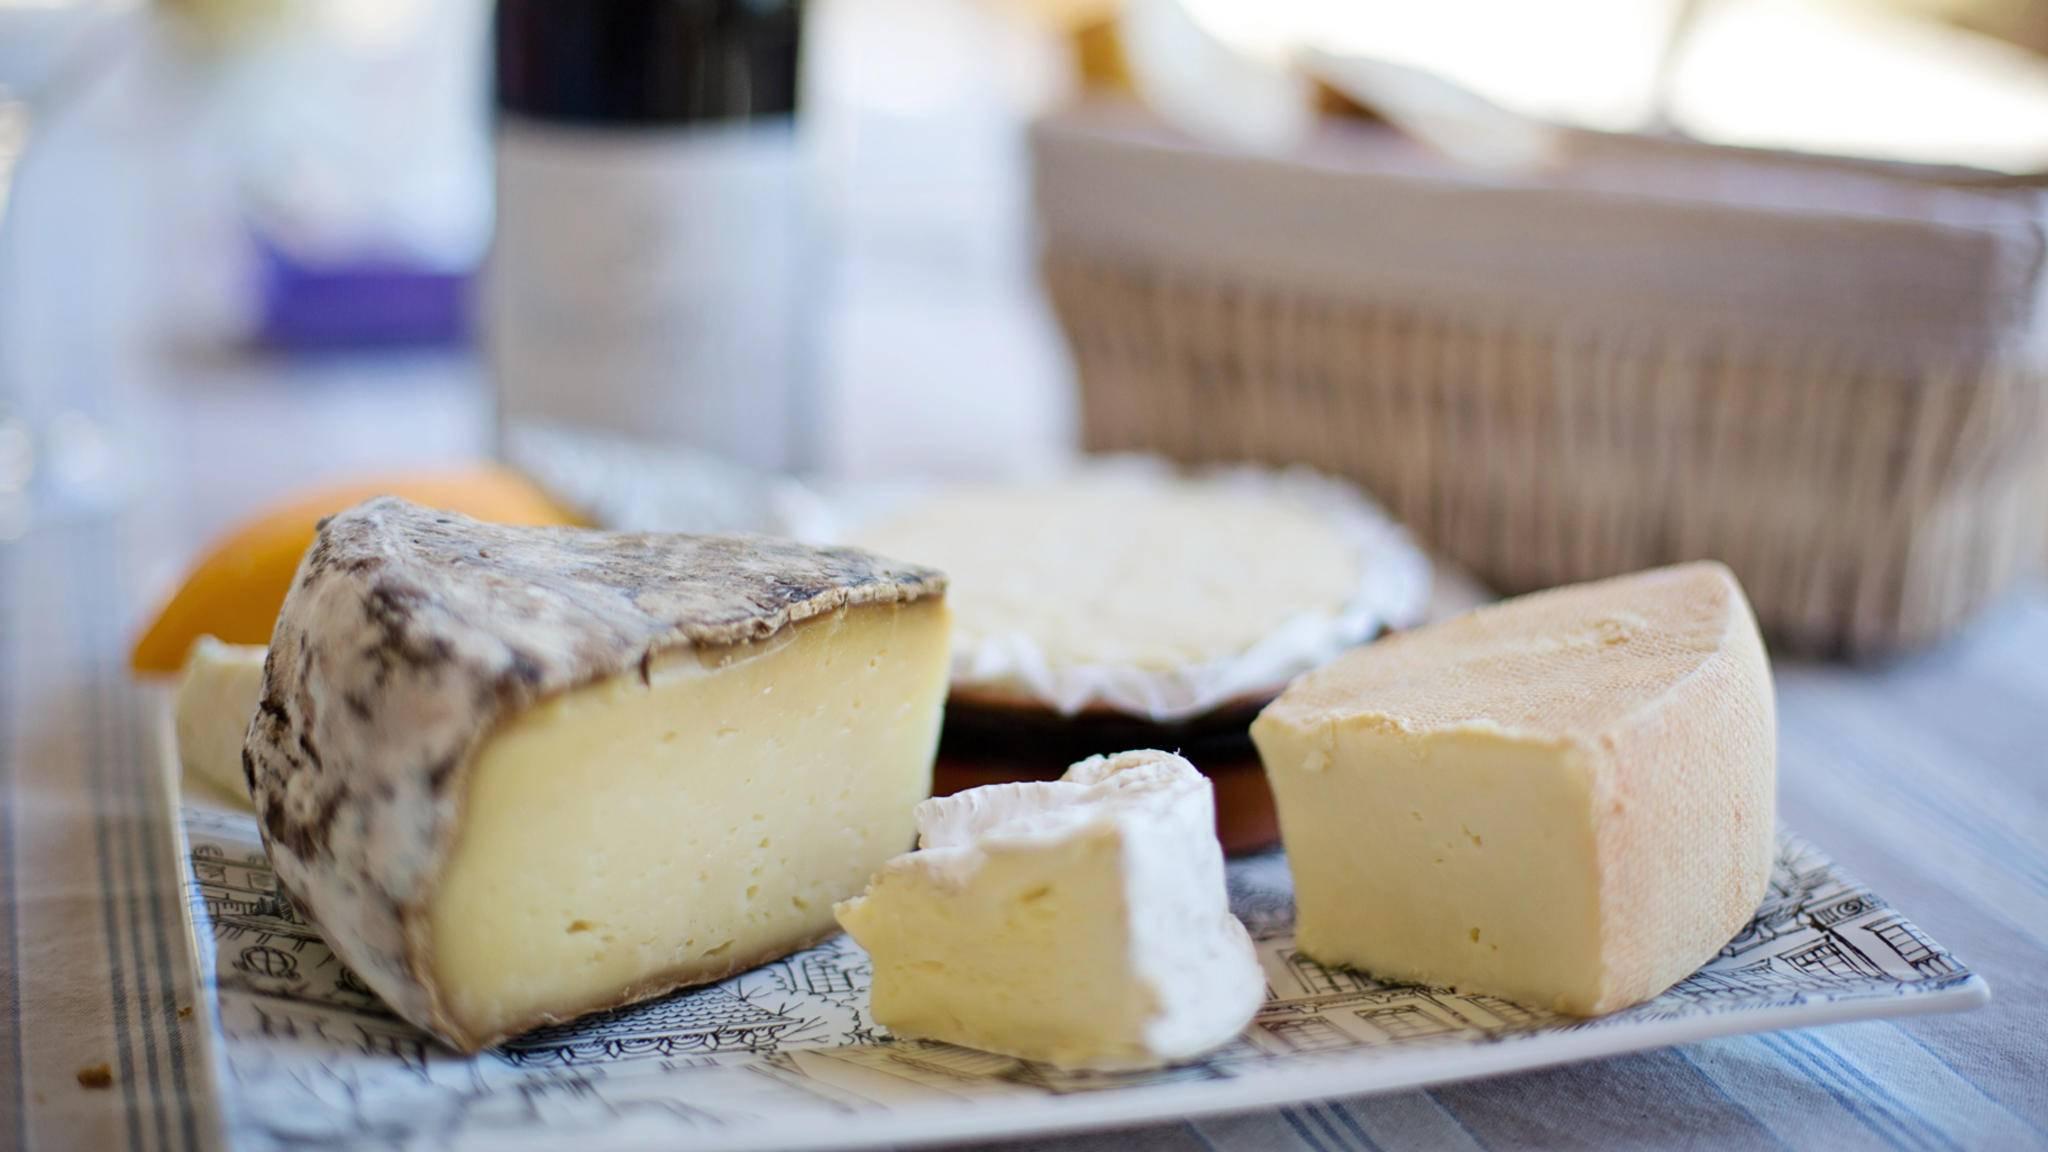 Gute Nachrichten für Feinschmecker: Käse ist nicht so schädlich wie sein Ruf.